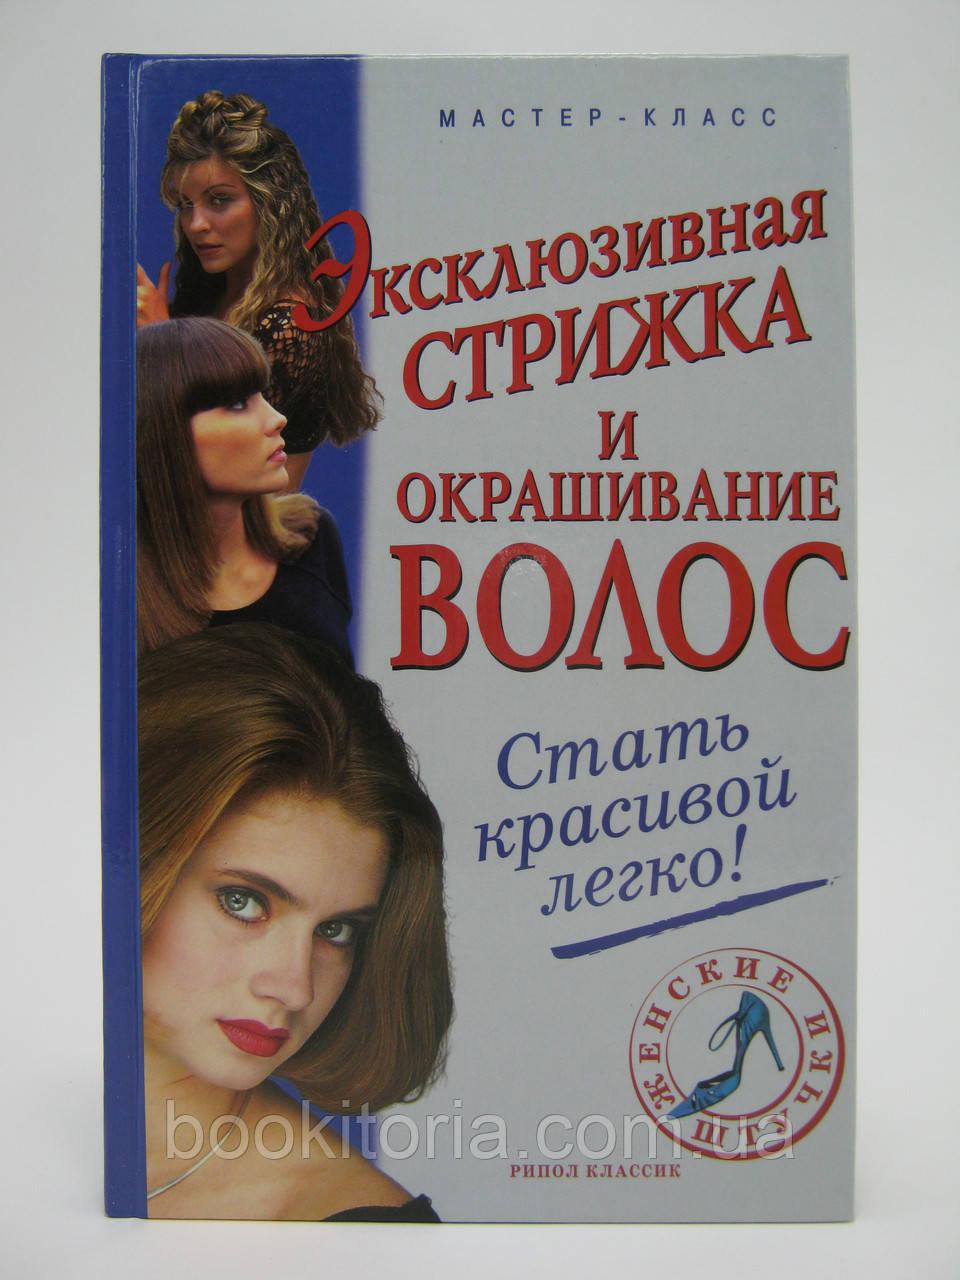 Нестерова А. Эксклюзивная стрижка и окрашивание волос.